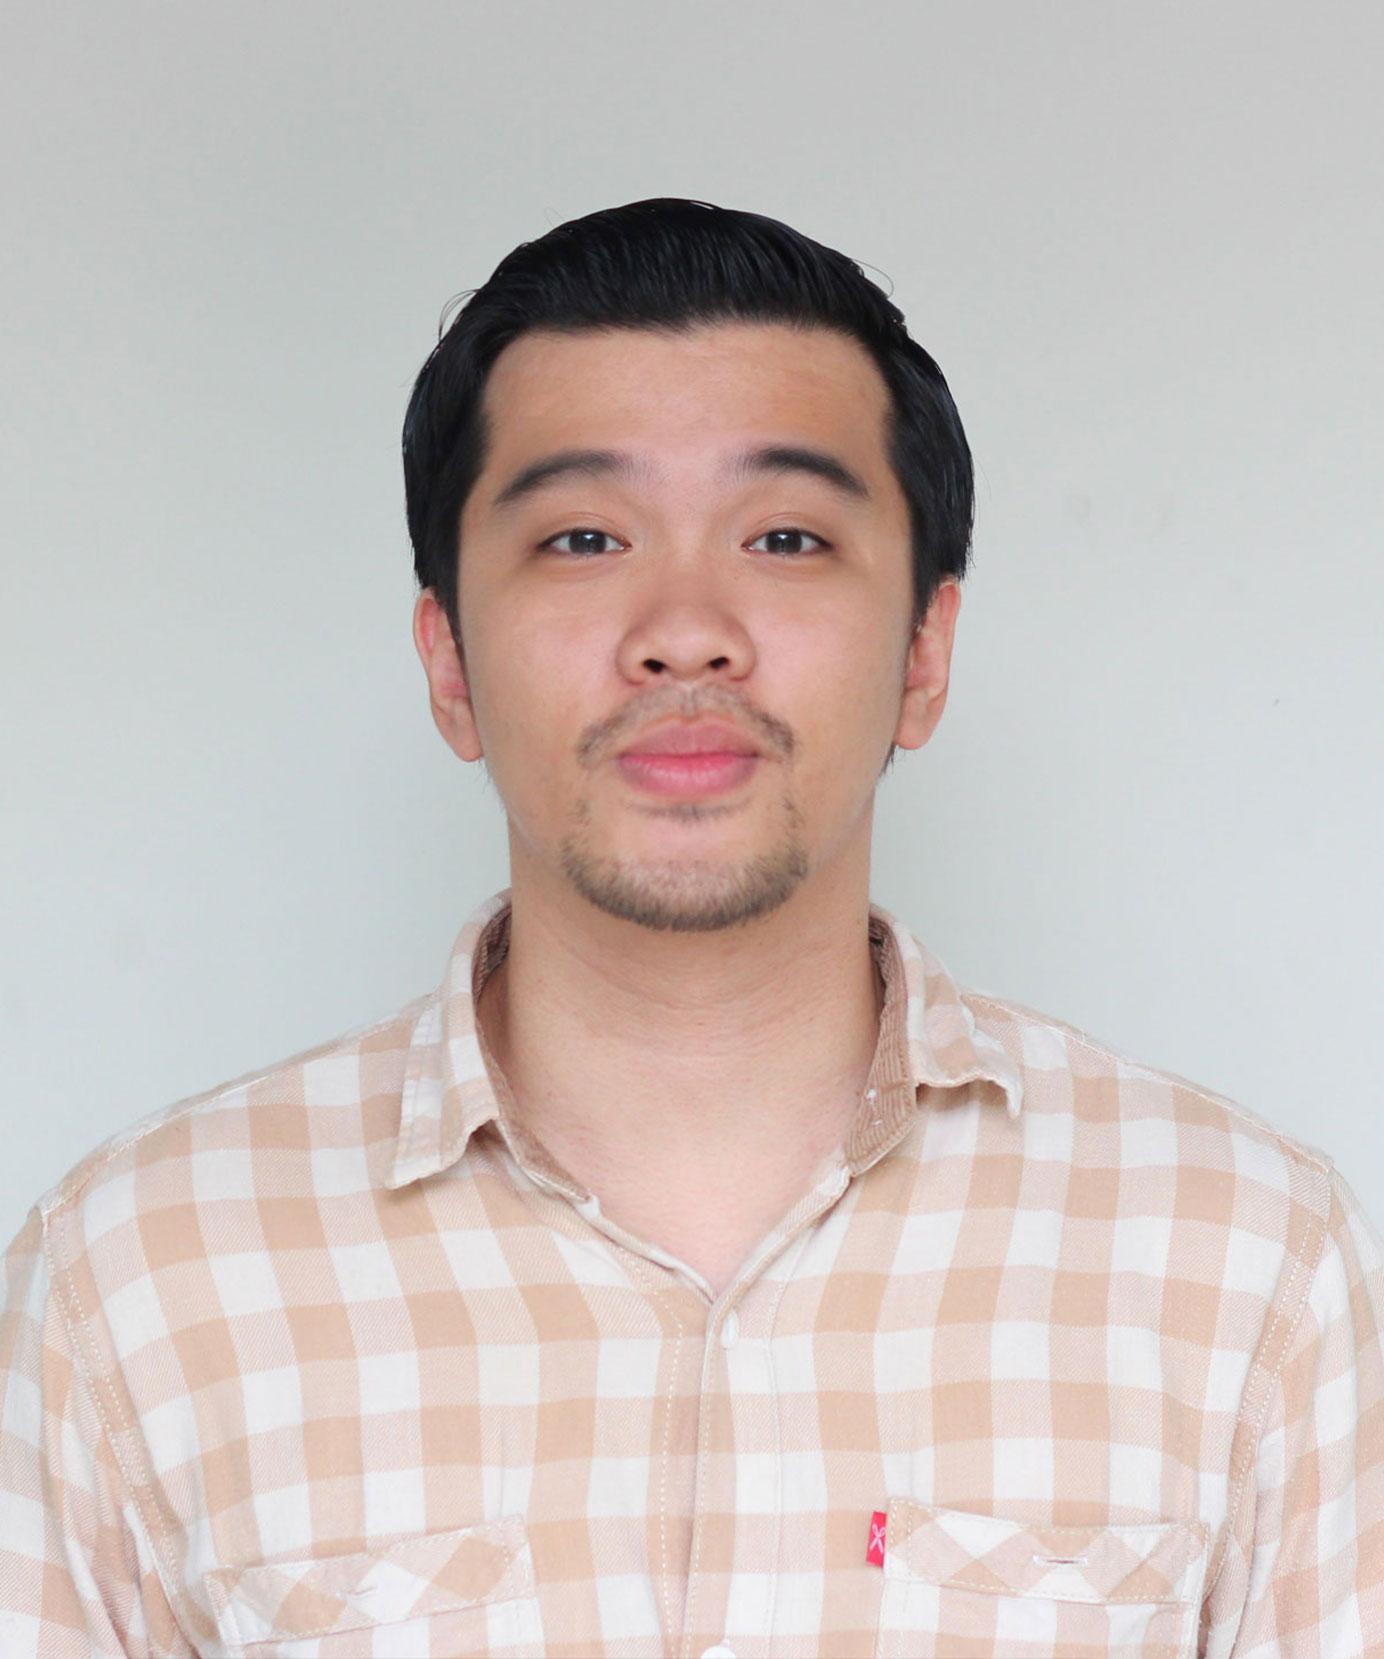 Frendy Wijaya